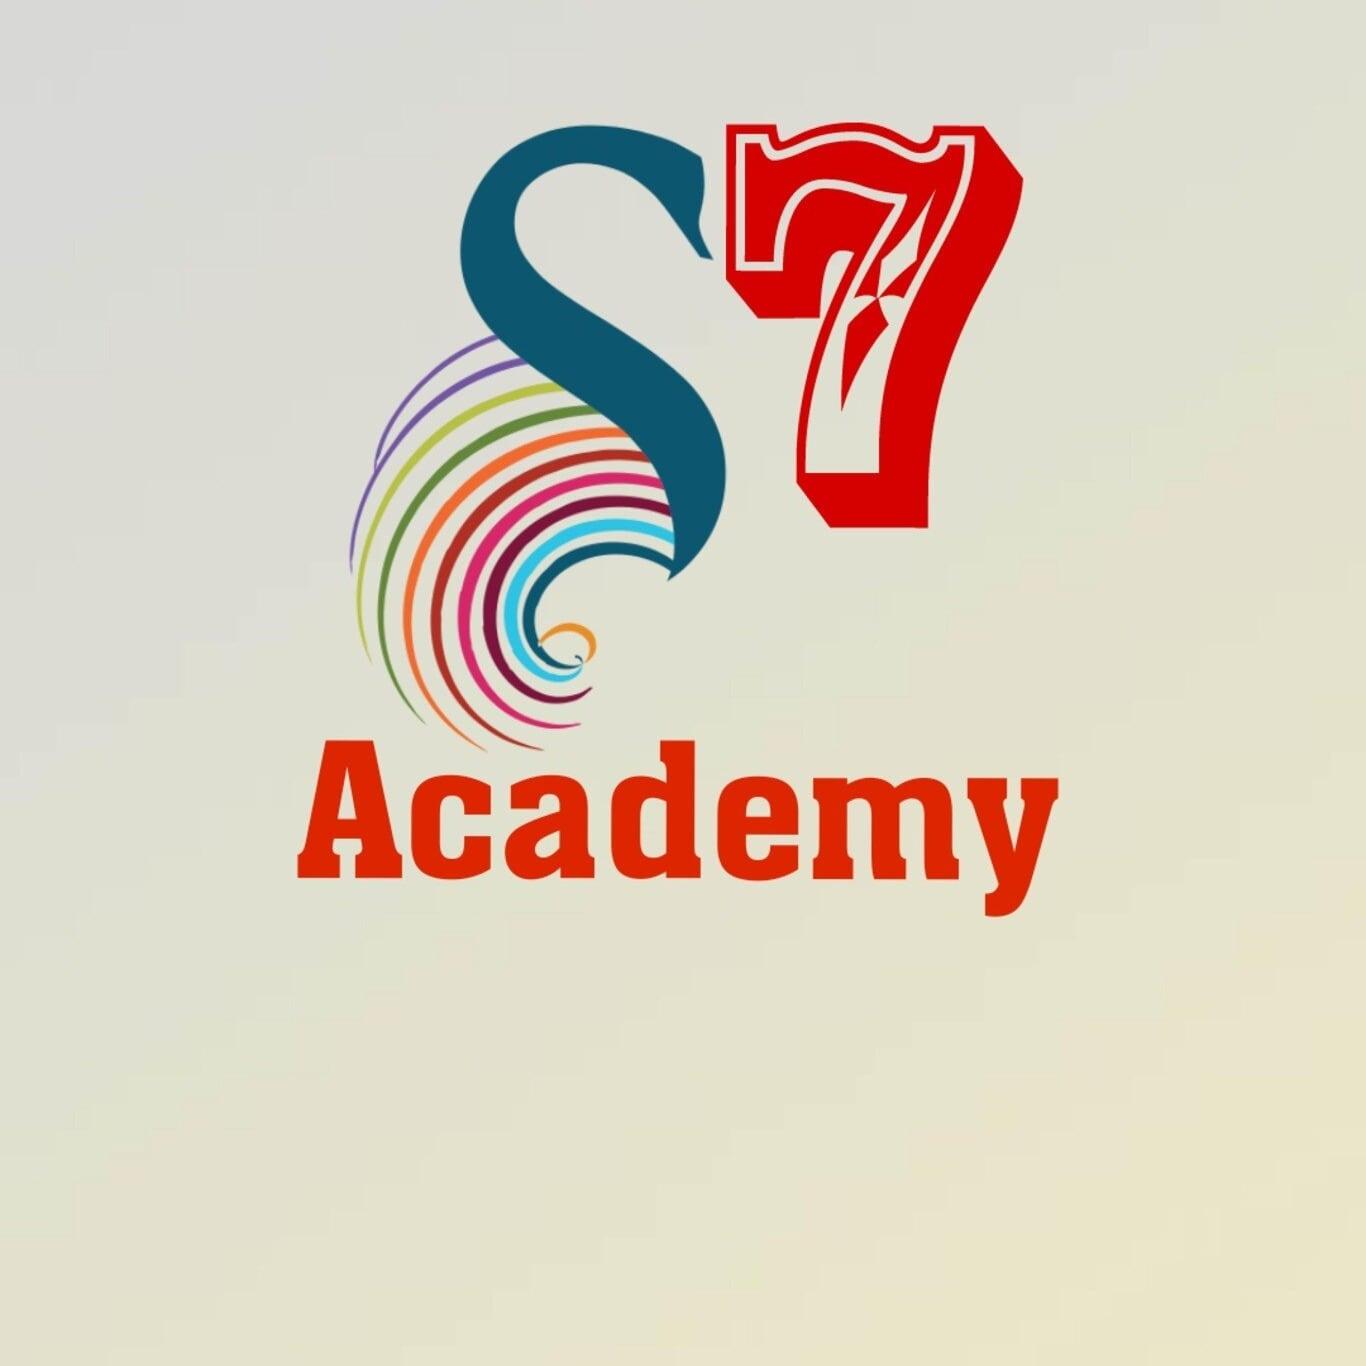 Online test, tnpsc coaching center in salem, tnpsc salem, tnpsc coaching in salem, tnpsc, tnpsc coaching class in salem